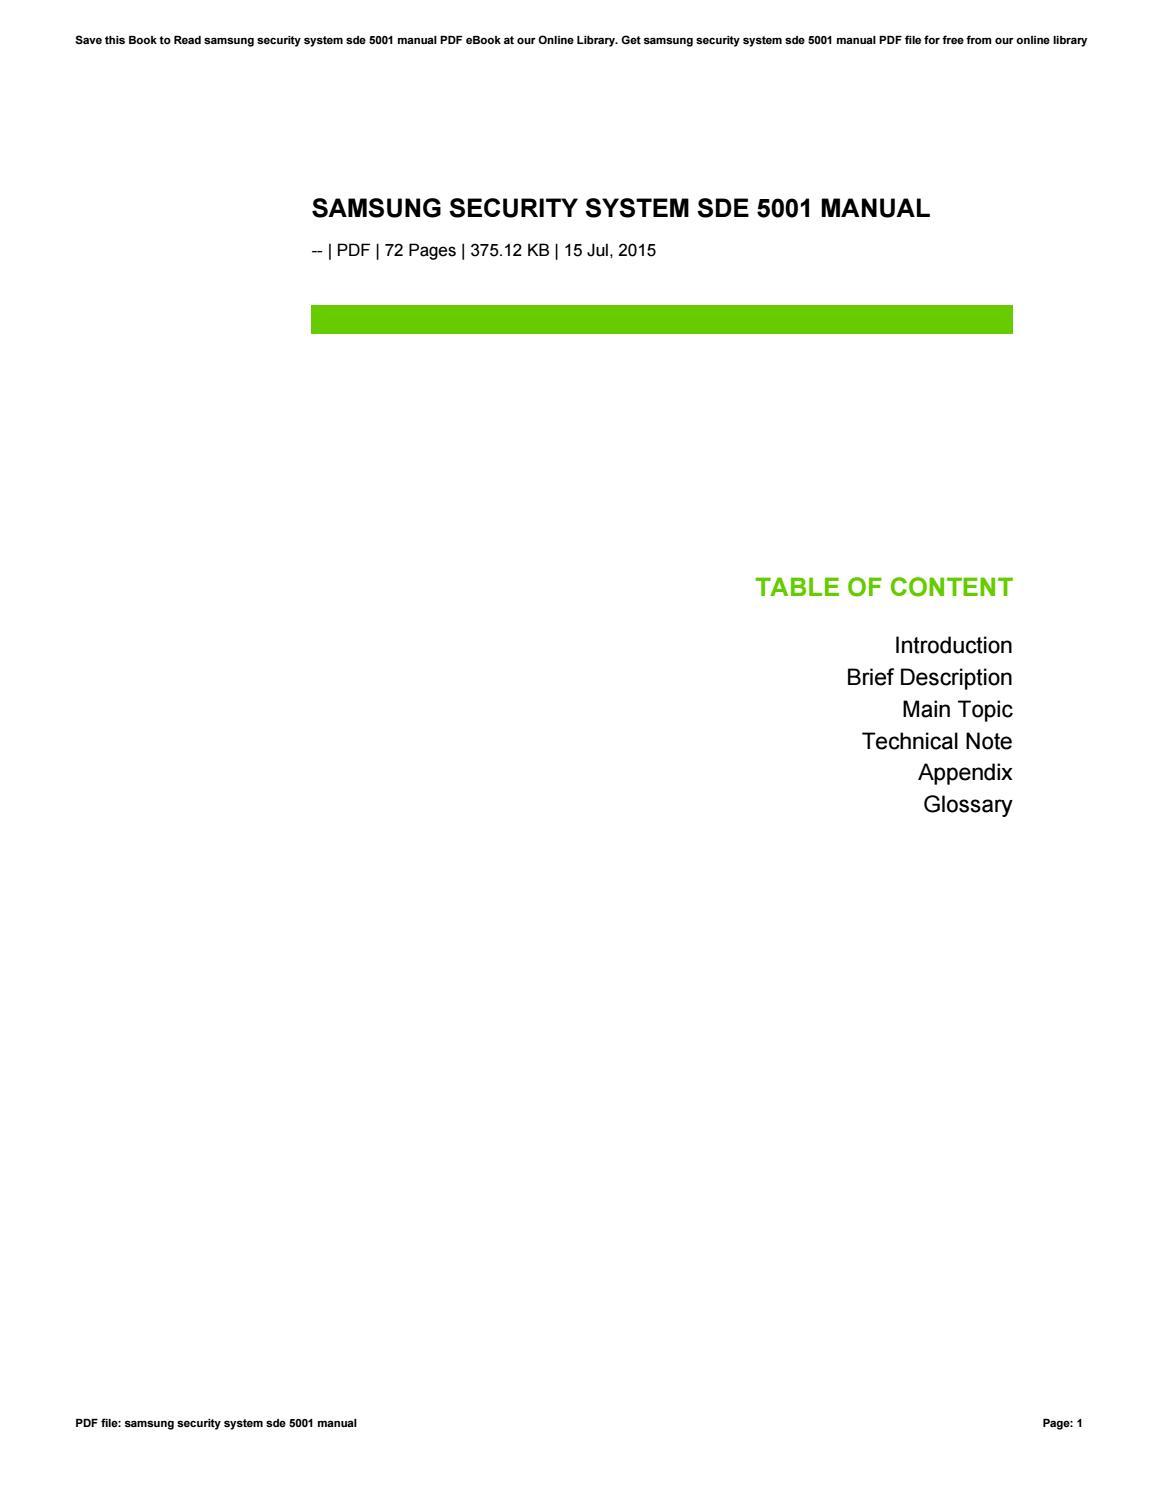 Sde-5001n-16b   security pros.